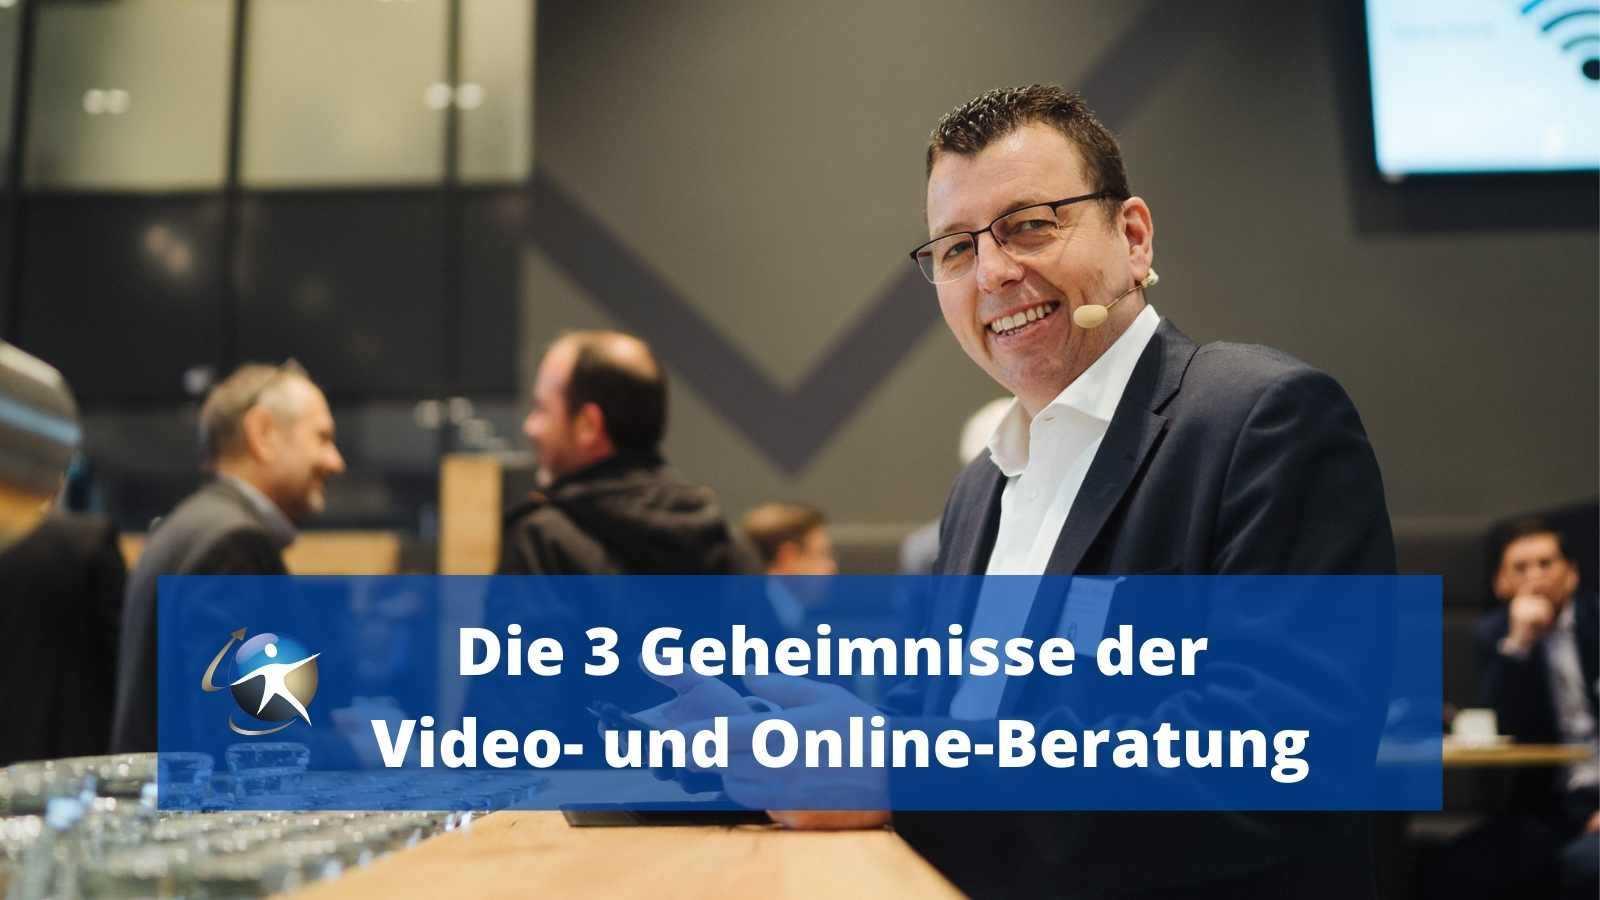 Die 3 Geheimnisse der Video- und Online-Beratung